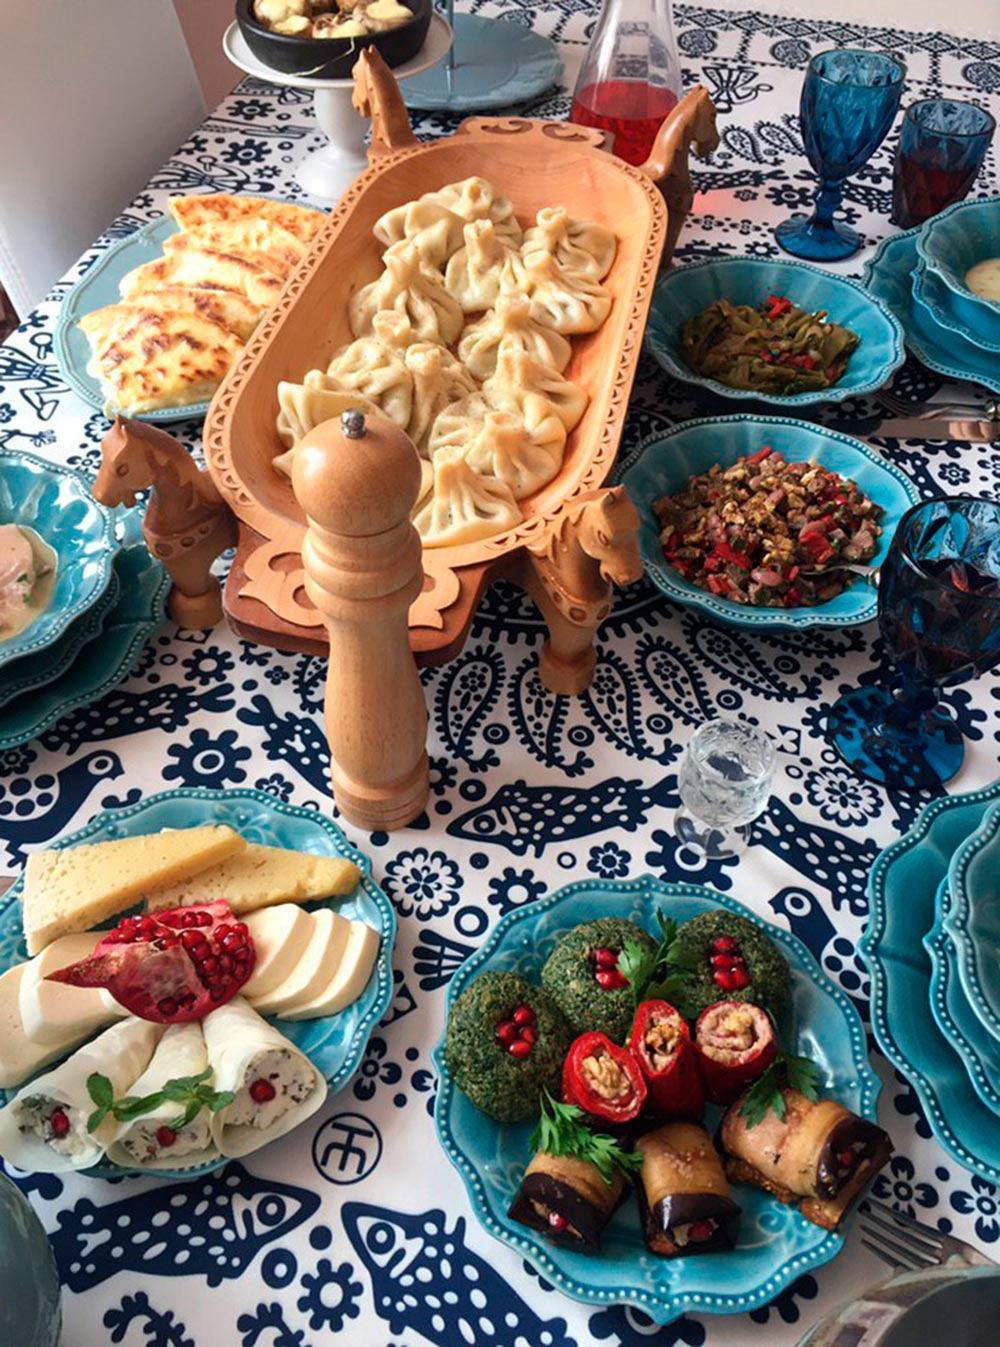 Как-то я осуществила мечту и сходила на мастер-класс по грузинской кухне. Теперь умею лепить хинкали и делать хачапури, но замуж за грузина не хочу